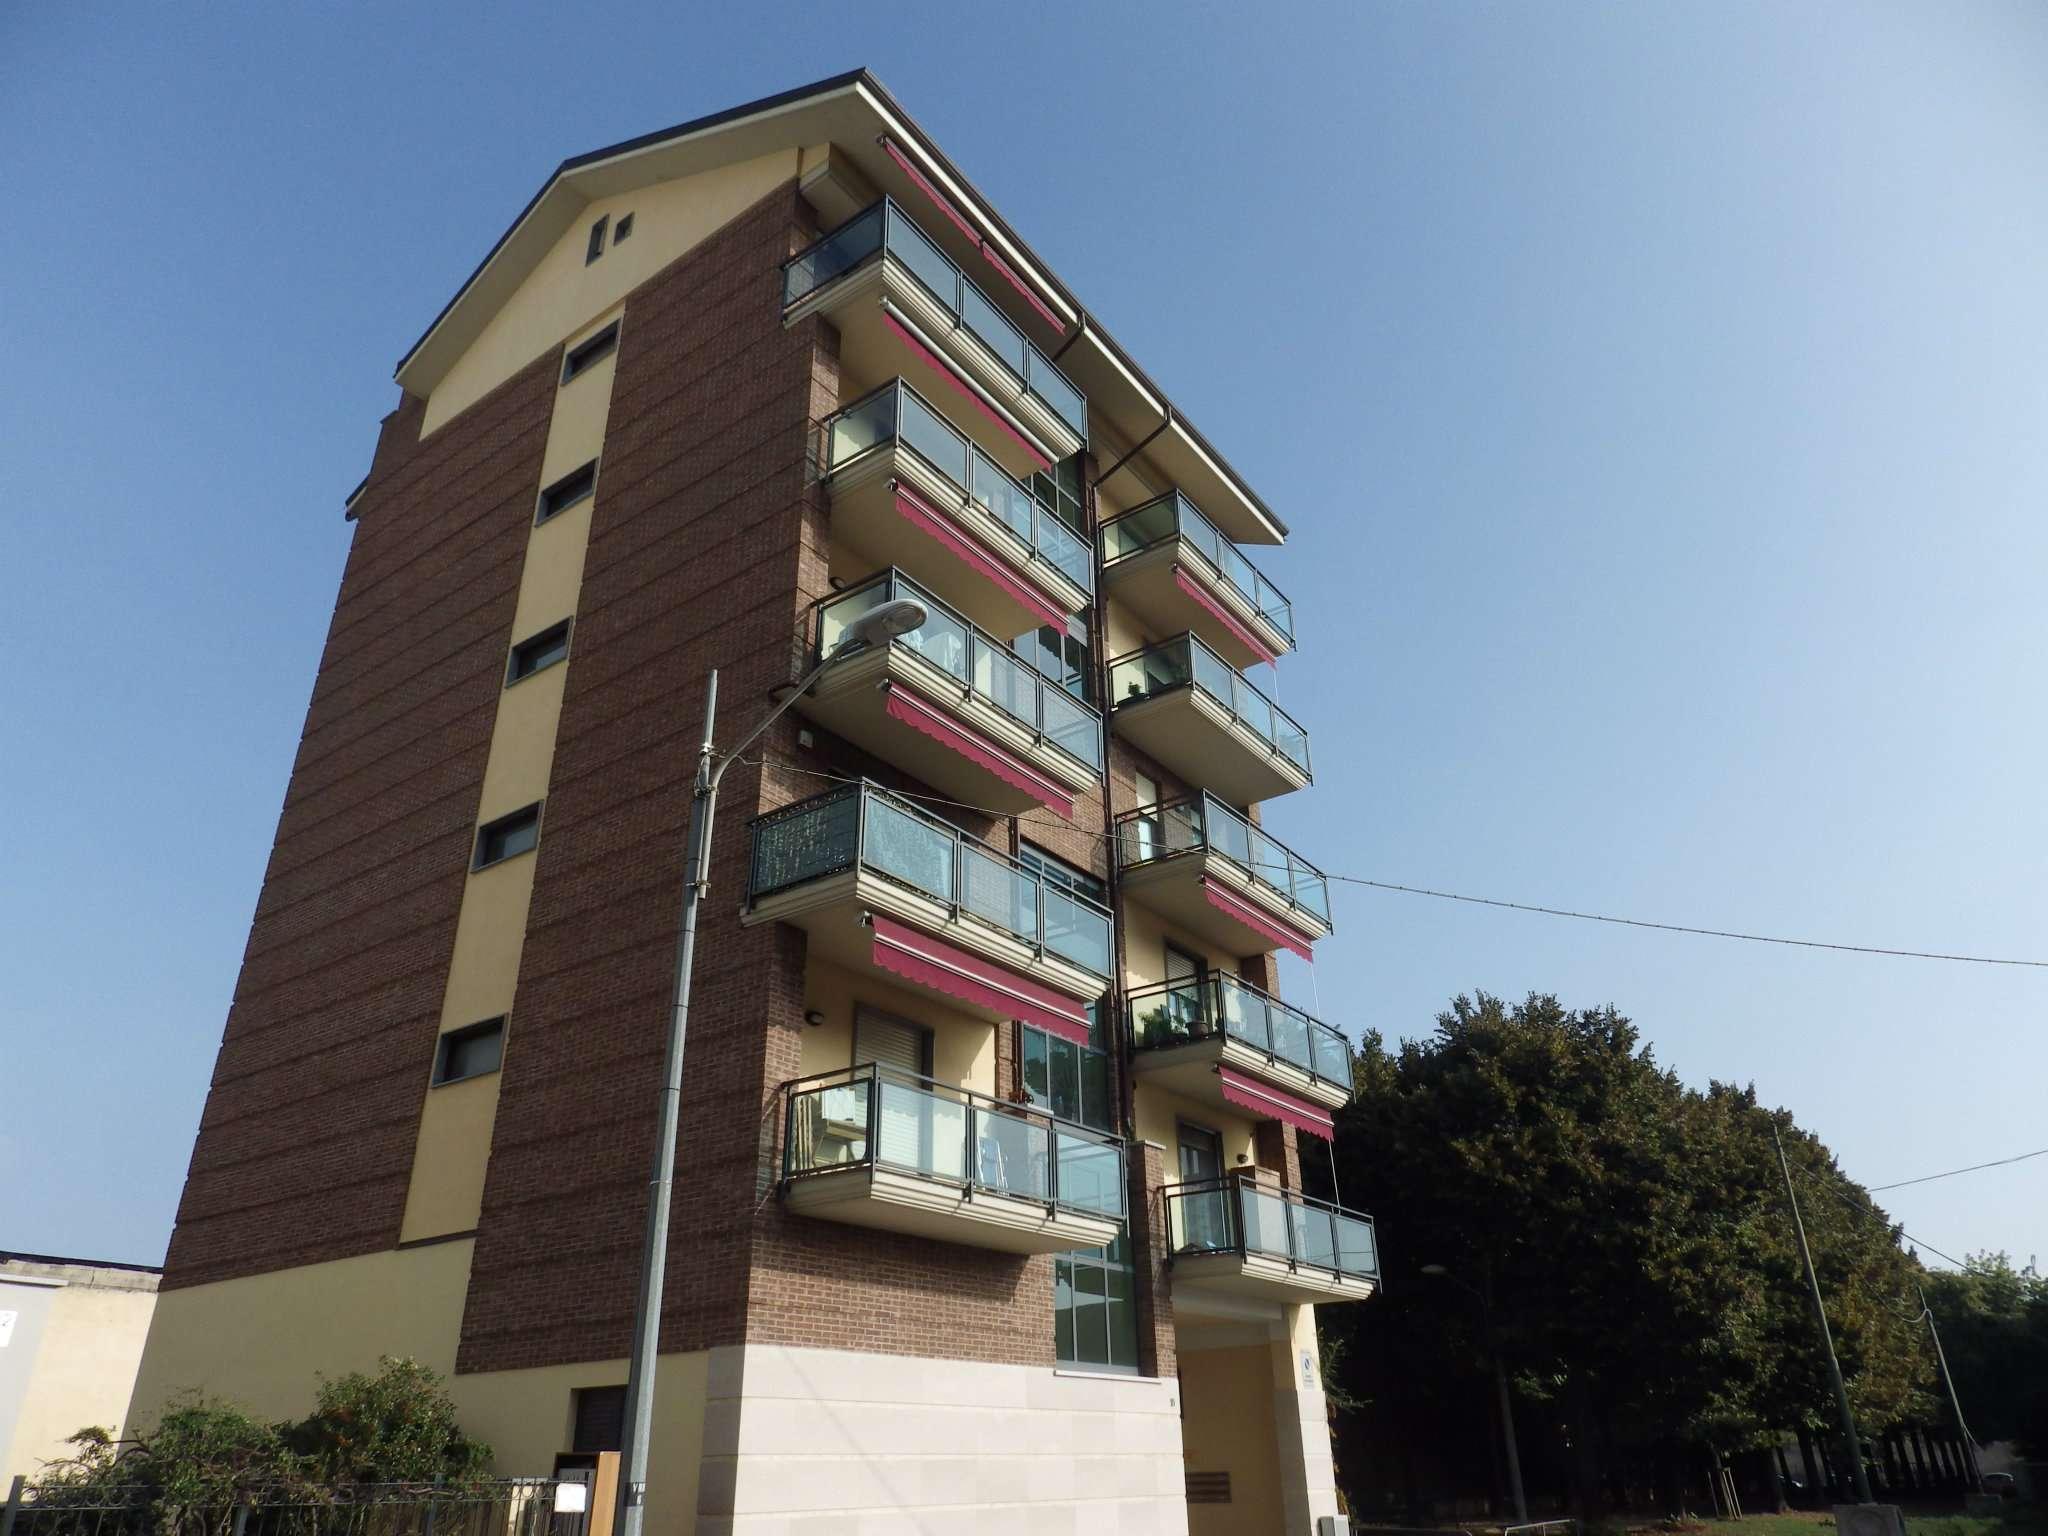 Bilocale Torino Via Valsugana 11